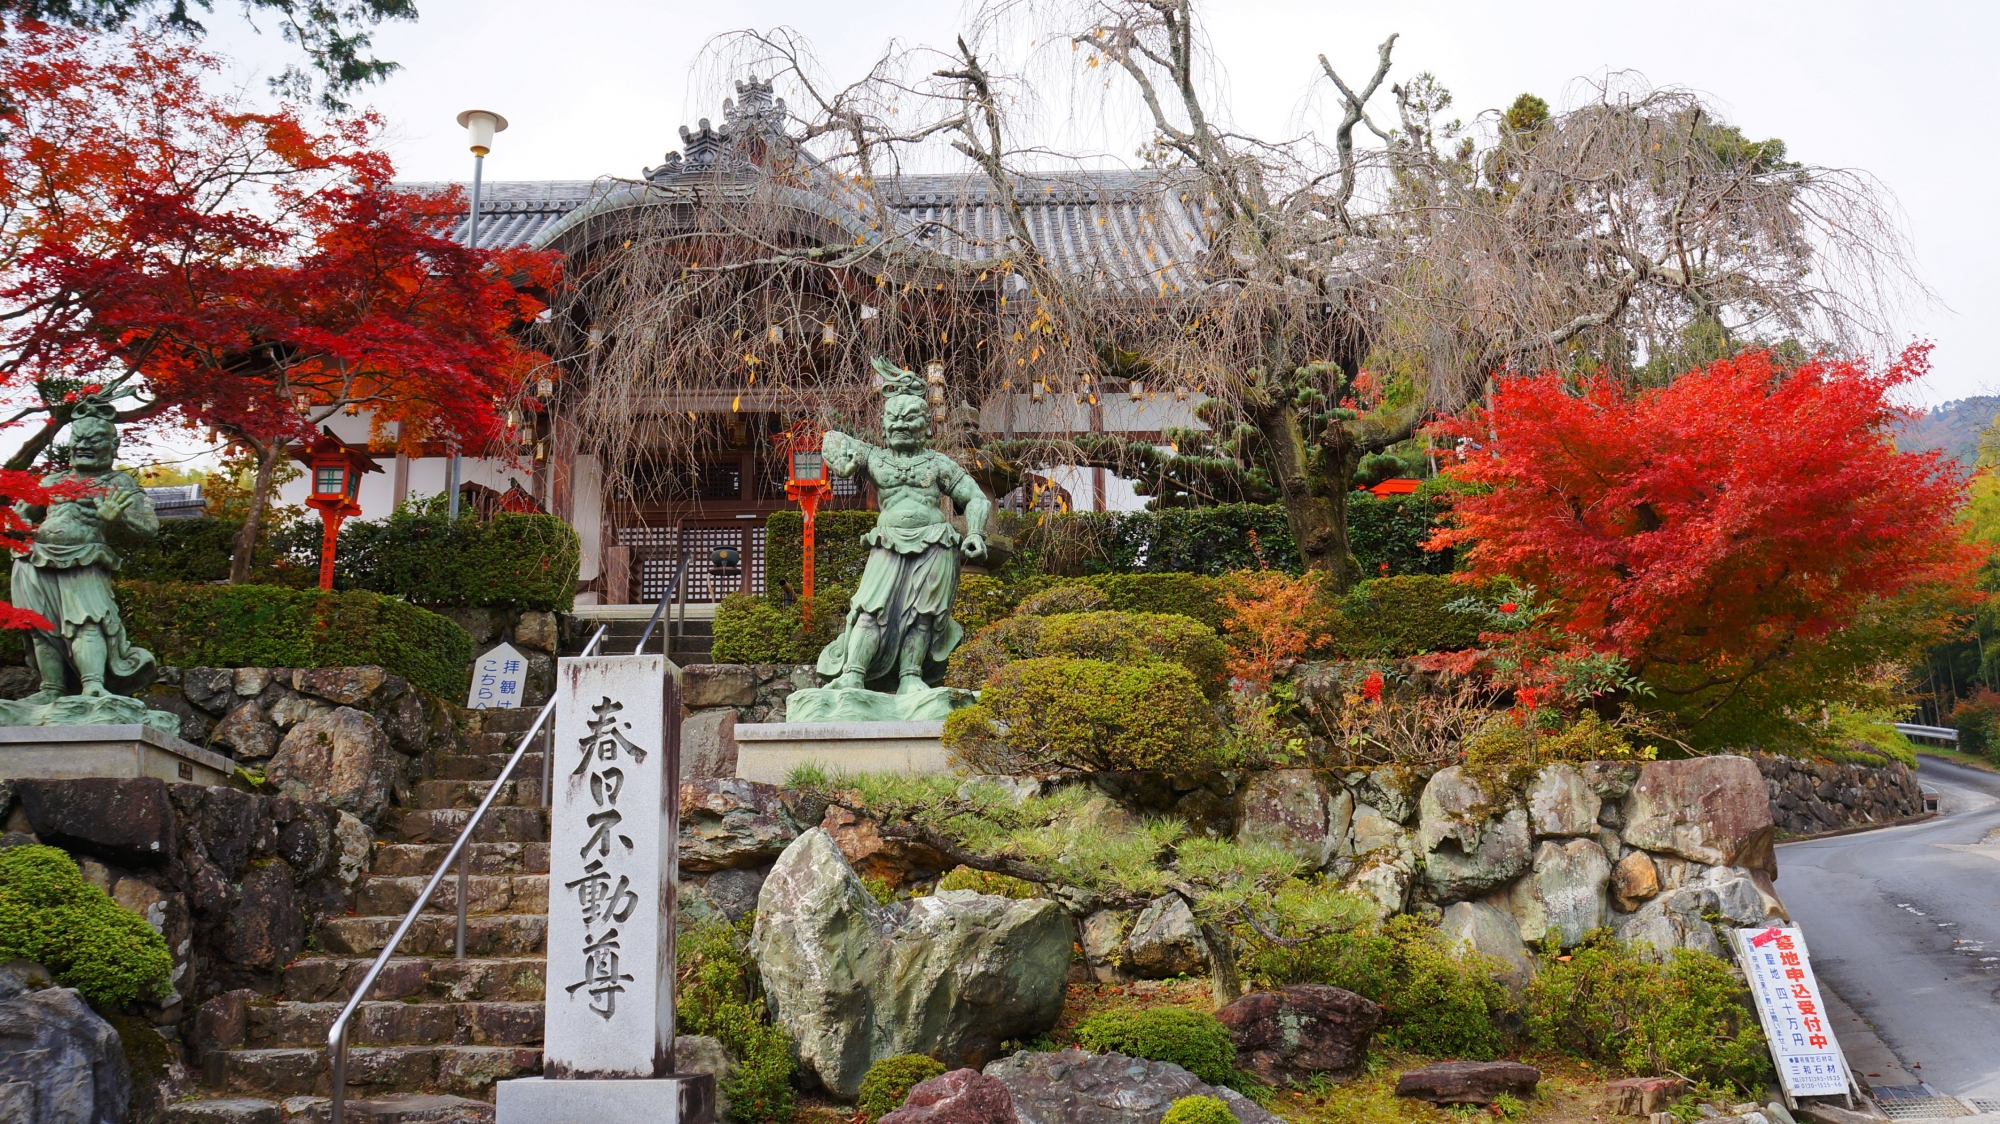 正法寺の春日不動尊堂と鮮やかな紅葉